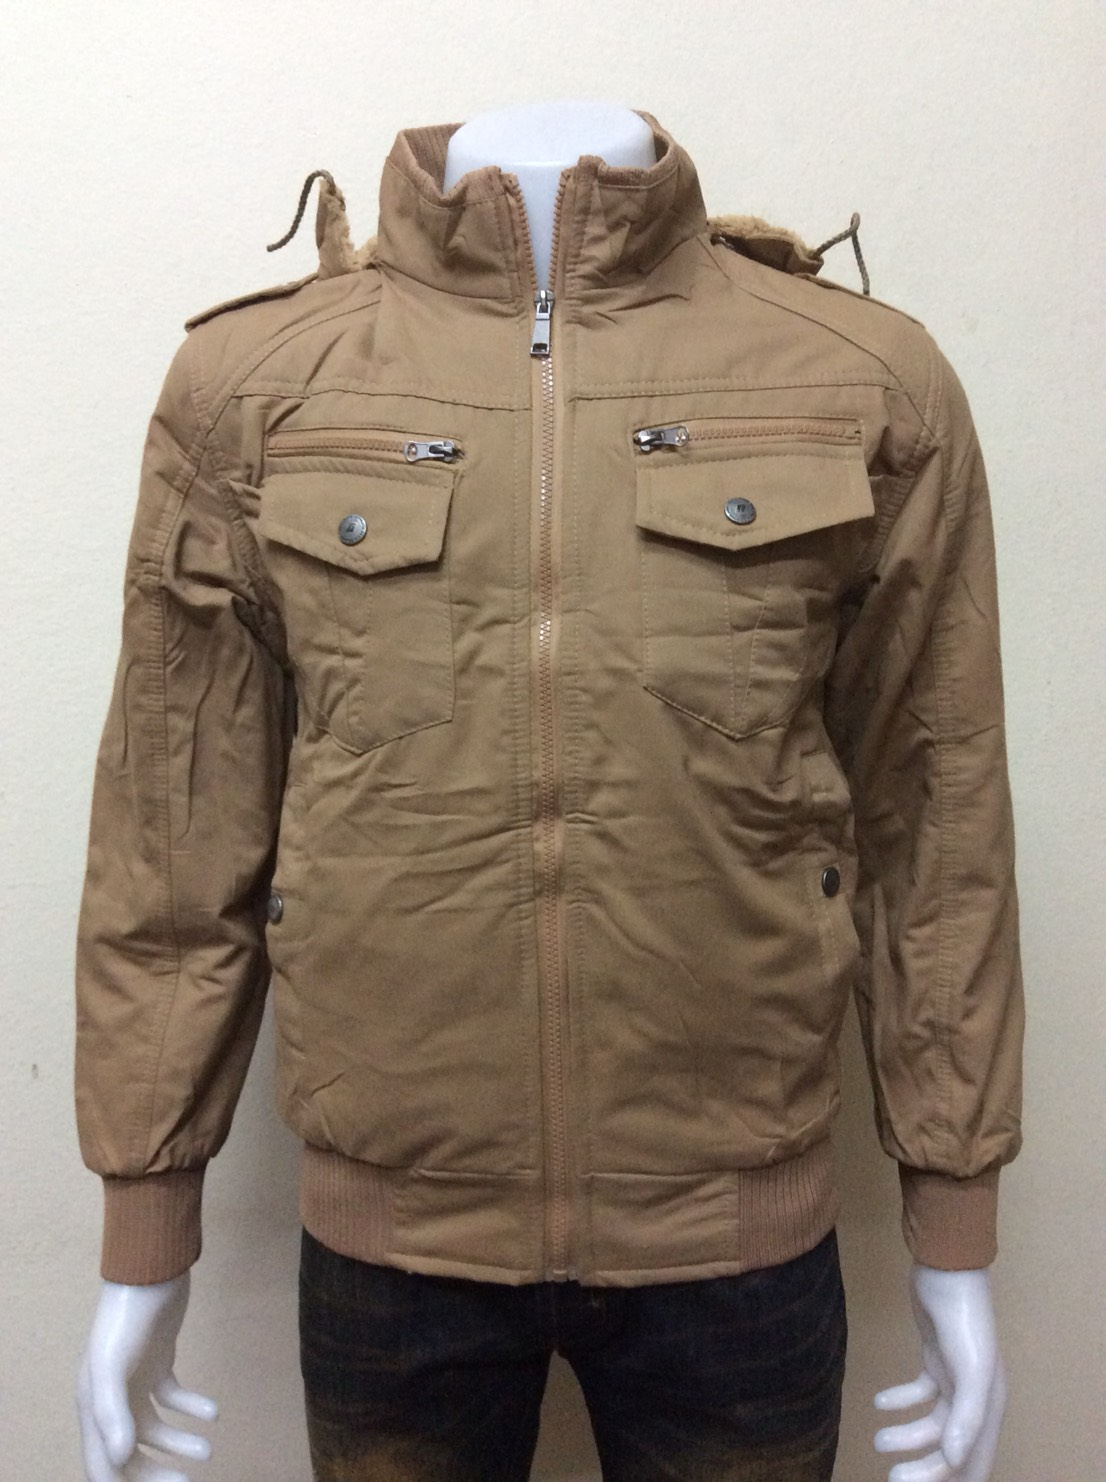 เสื้อแจ็คเก็ตกันหนาว มีฮู้ด สีน้ำตาลอ่อน